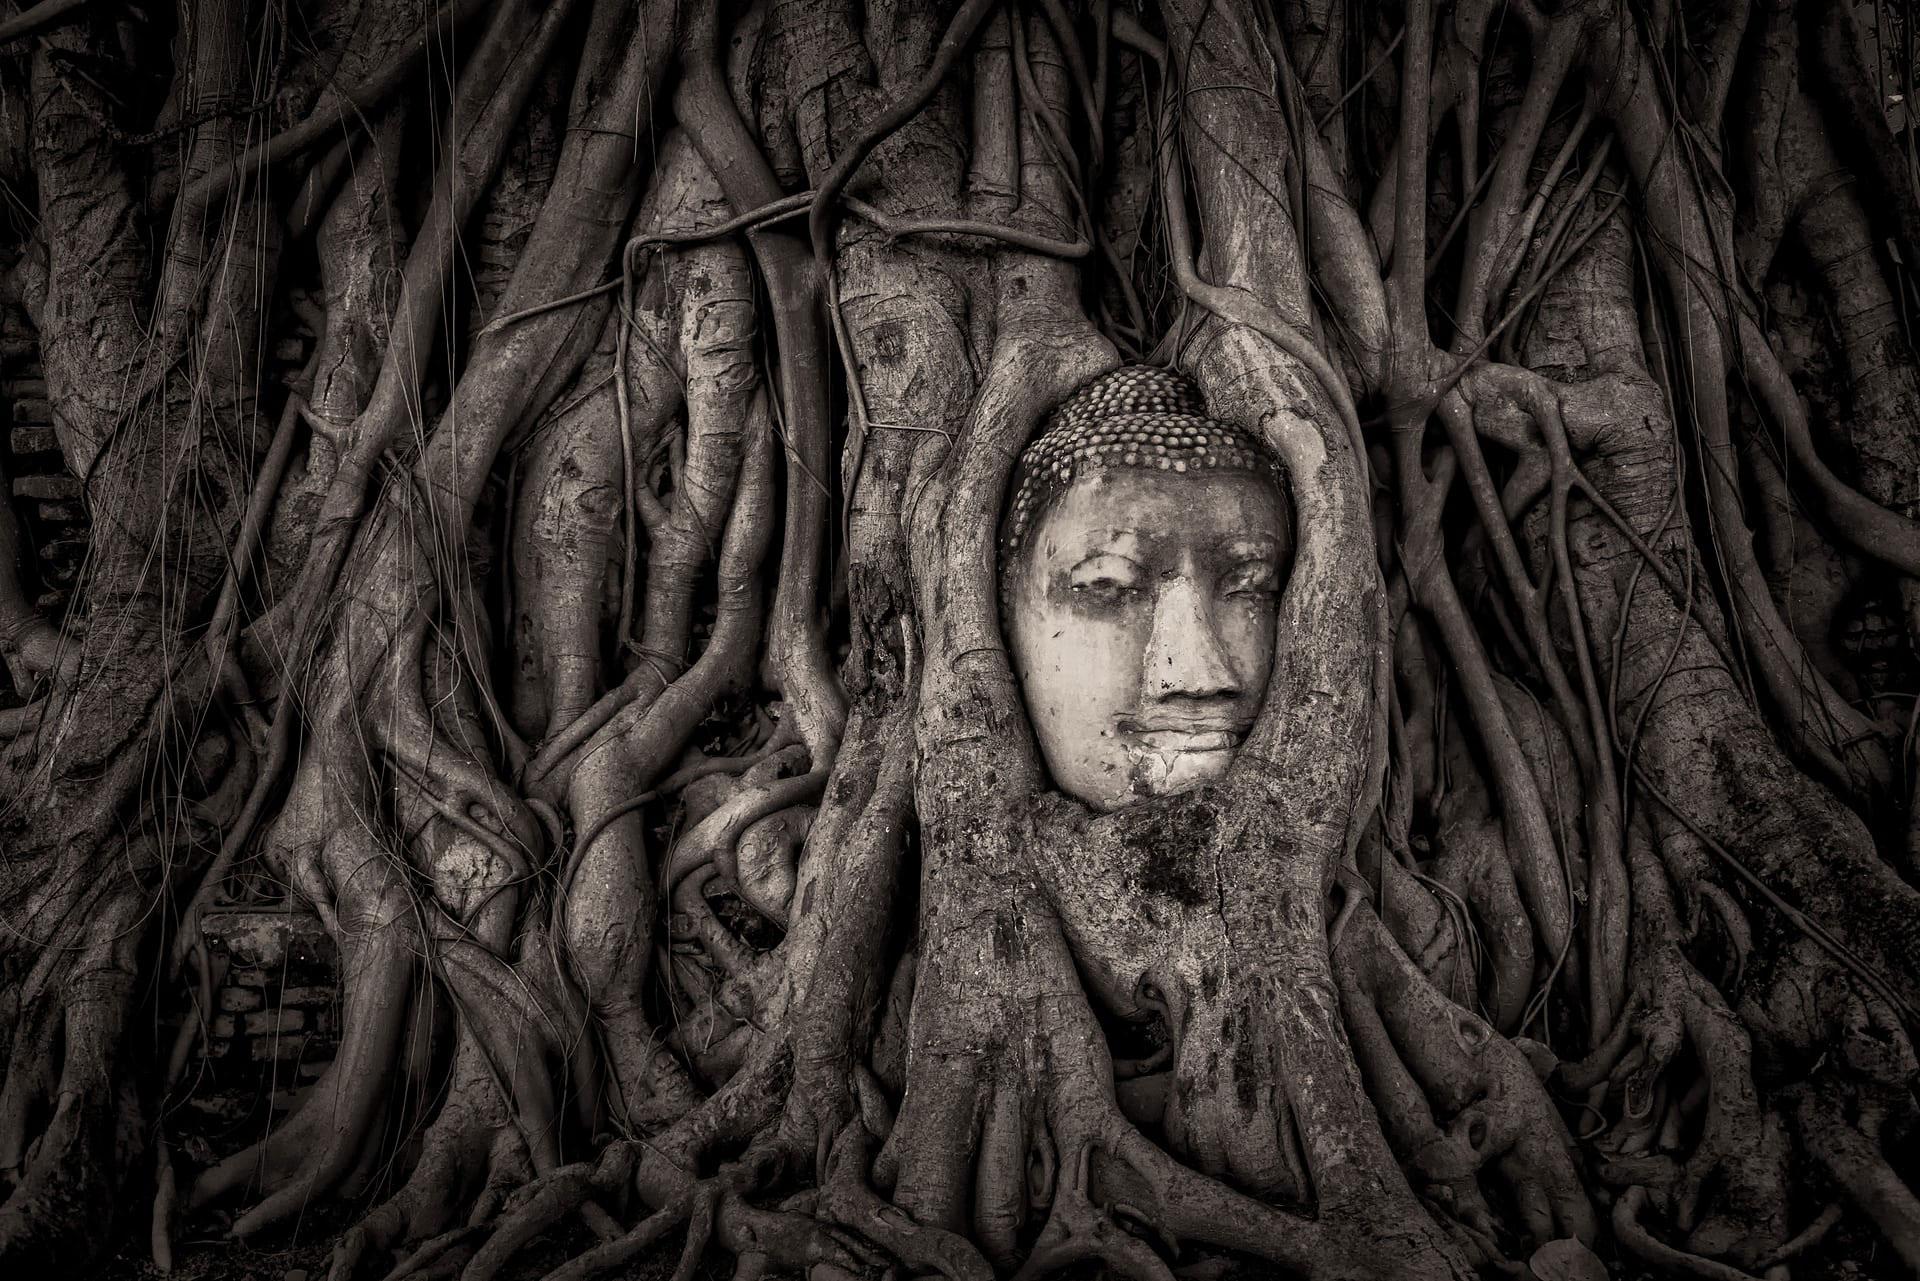 Templo Wat Mahathat en Ayutthaya, Tailandia, por Mathew Browne. Se trata de un templo budista caído en ruinas en 1767. Con el tiempo, un árbol creció alrededor de una de las estatuas remanentes del Buda